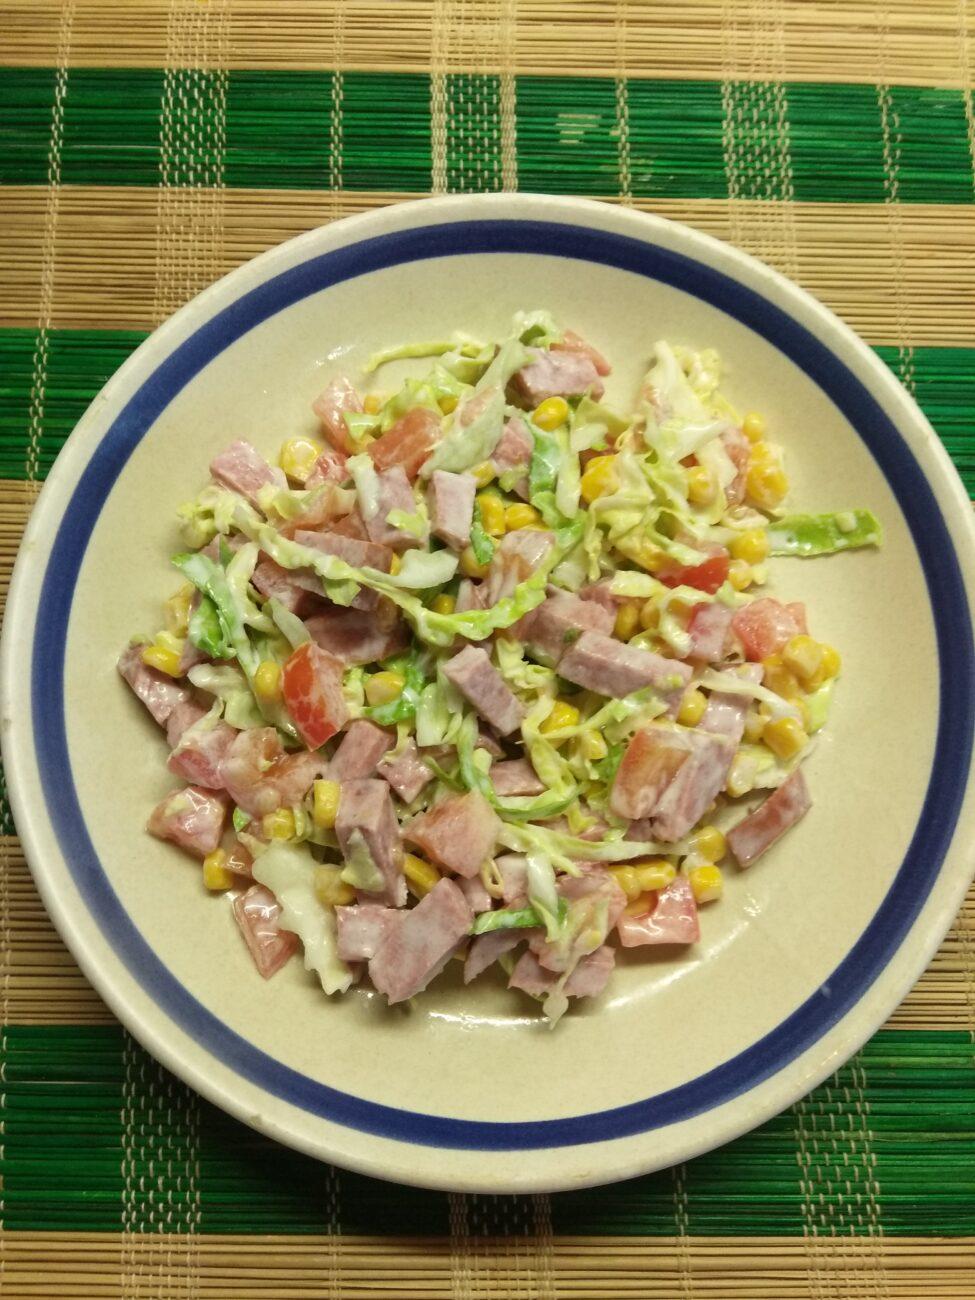 Салат из молодой капусты, колбасы, консервированной кукурузы и помидоров